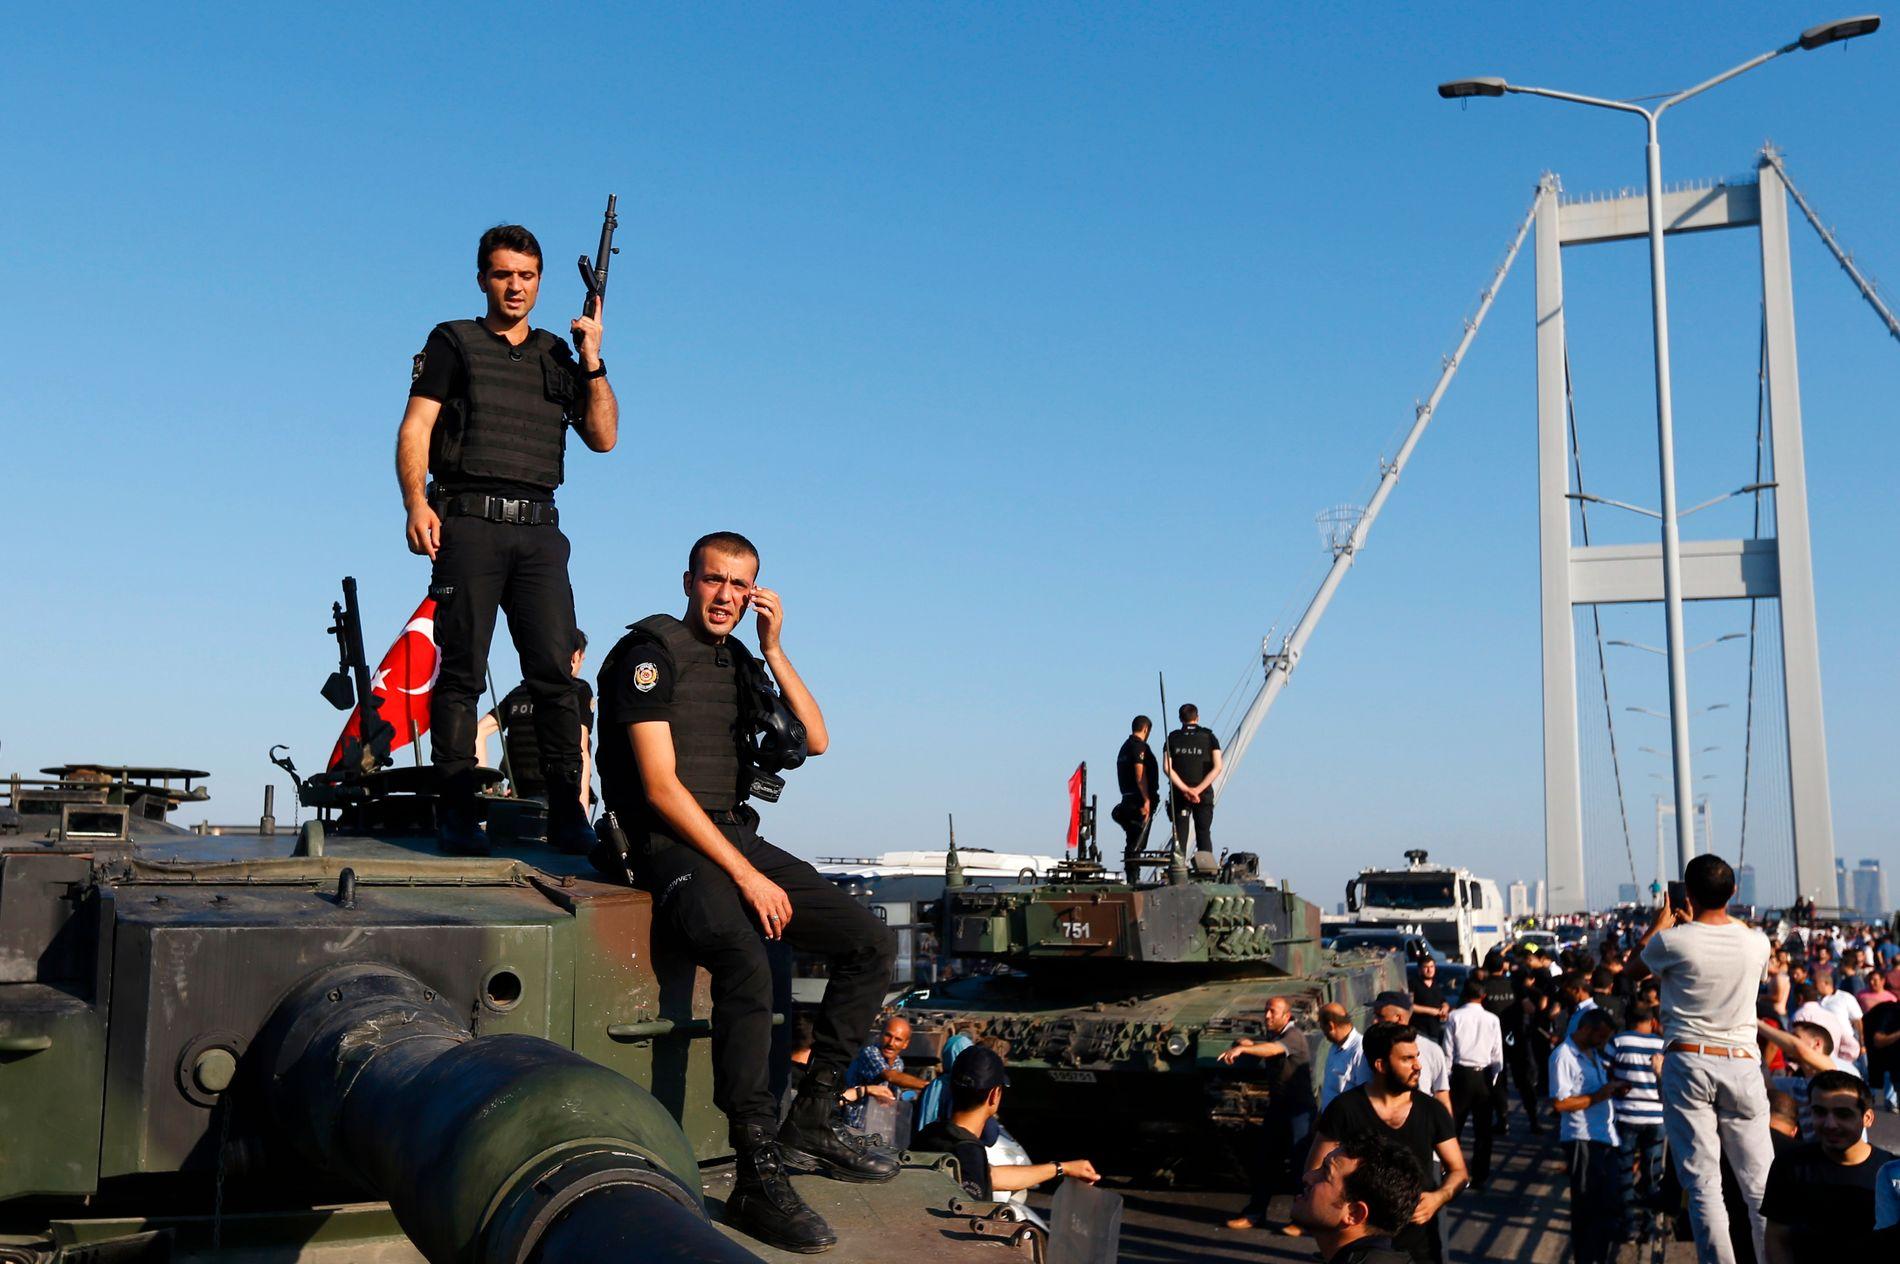 OVERGA SEG: Politimenn står på toppen av en tanks etter at tropper som var involvert i kuppet måtte overgi seg ved Bosporusbroen i Istanbul.